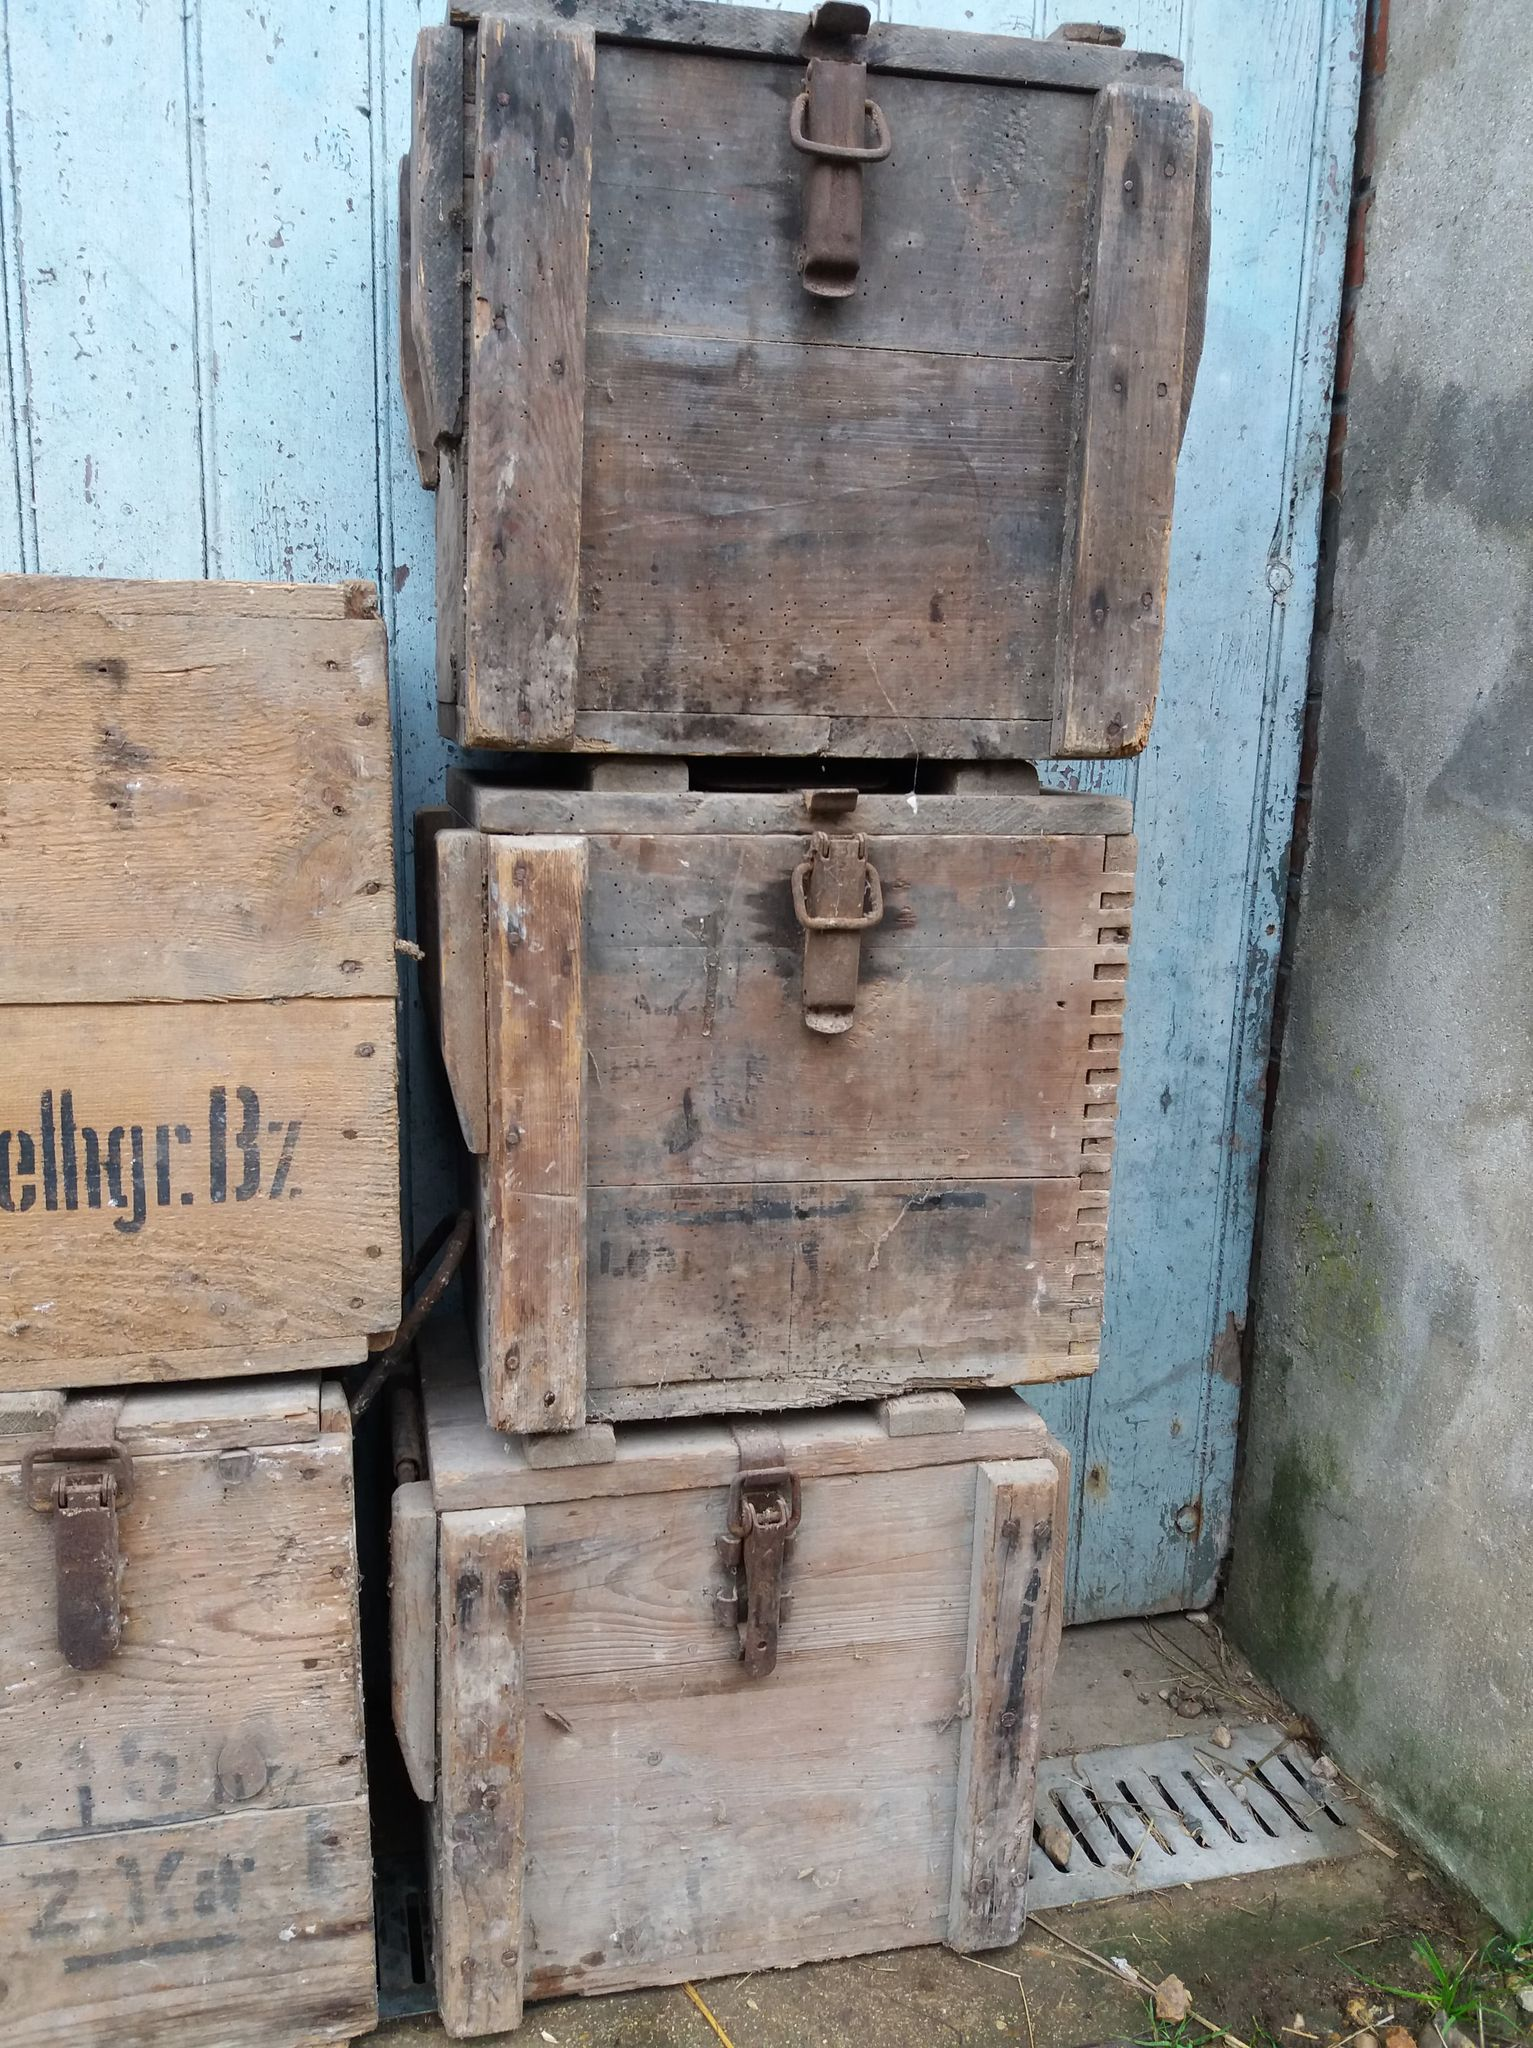 des caisses, des caisses et encore des caisses 21021404291623624317262261